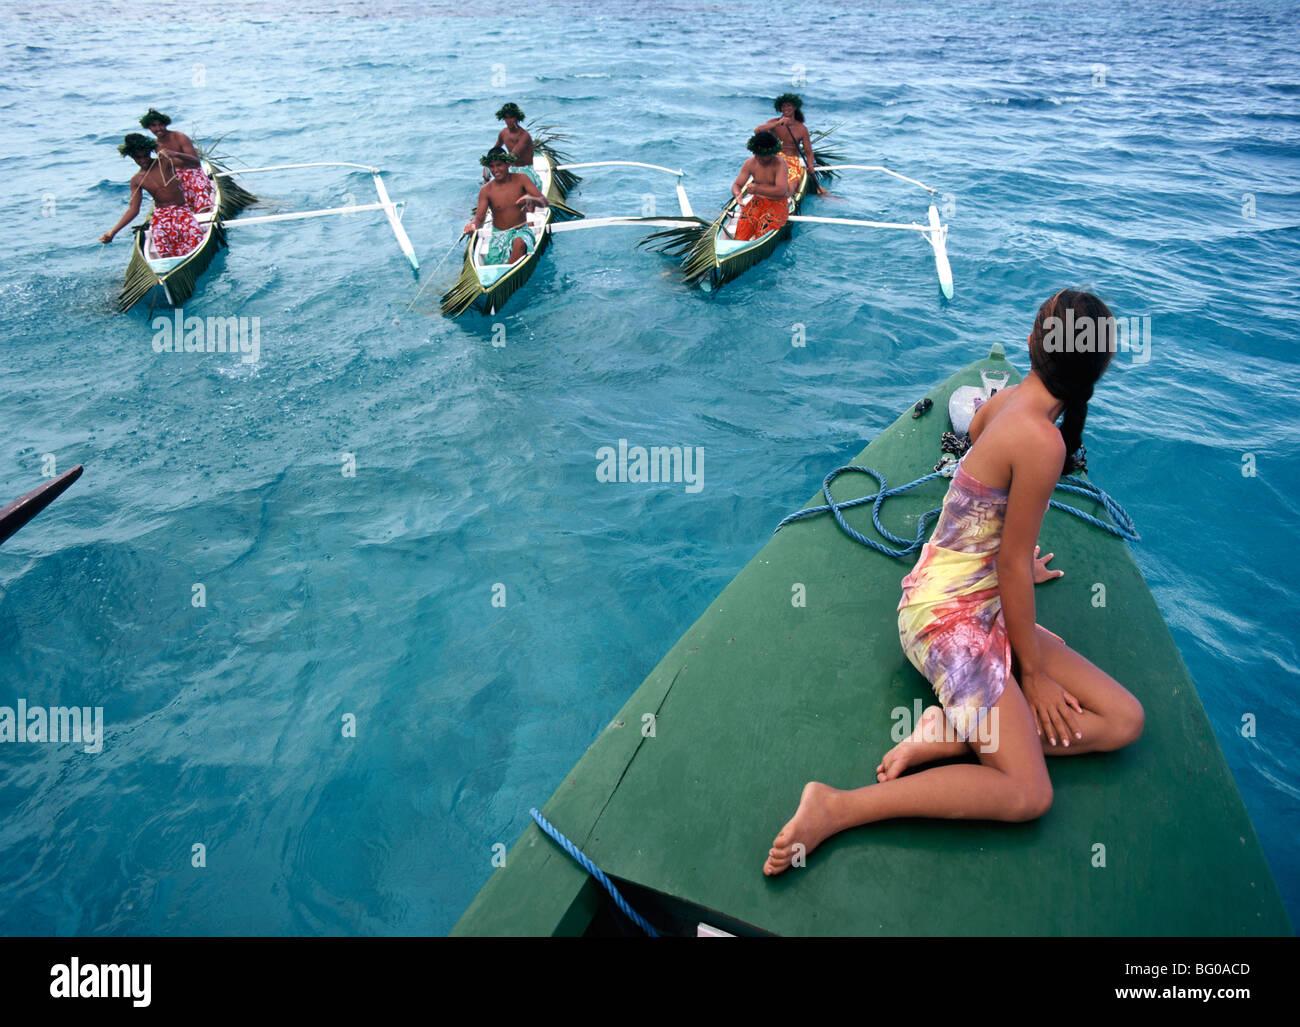 Barcos de pesca, Bora Bora, Islas Sociedad, Polinesia Francesa, el Pacífico Foto de stock